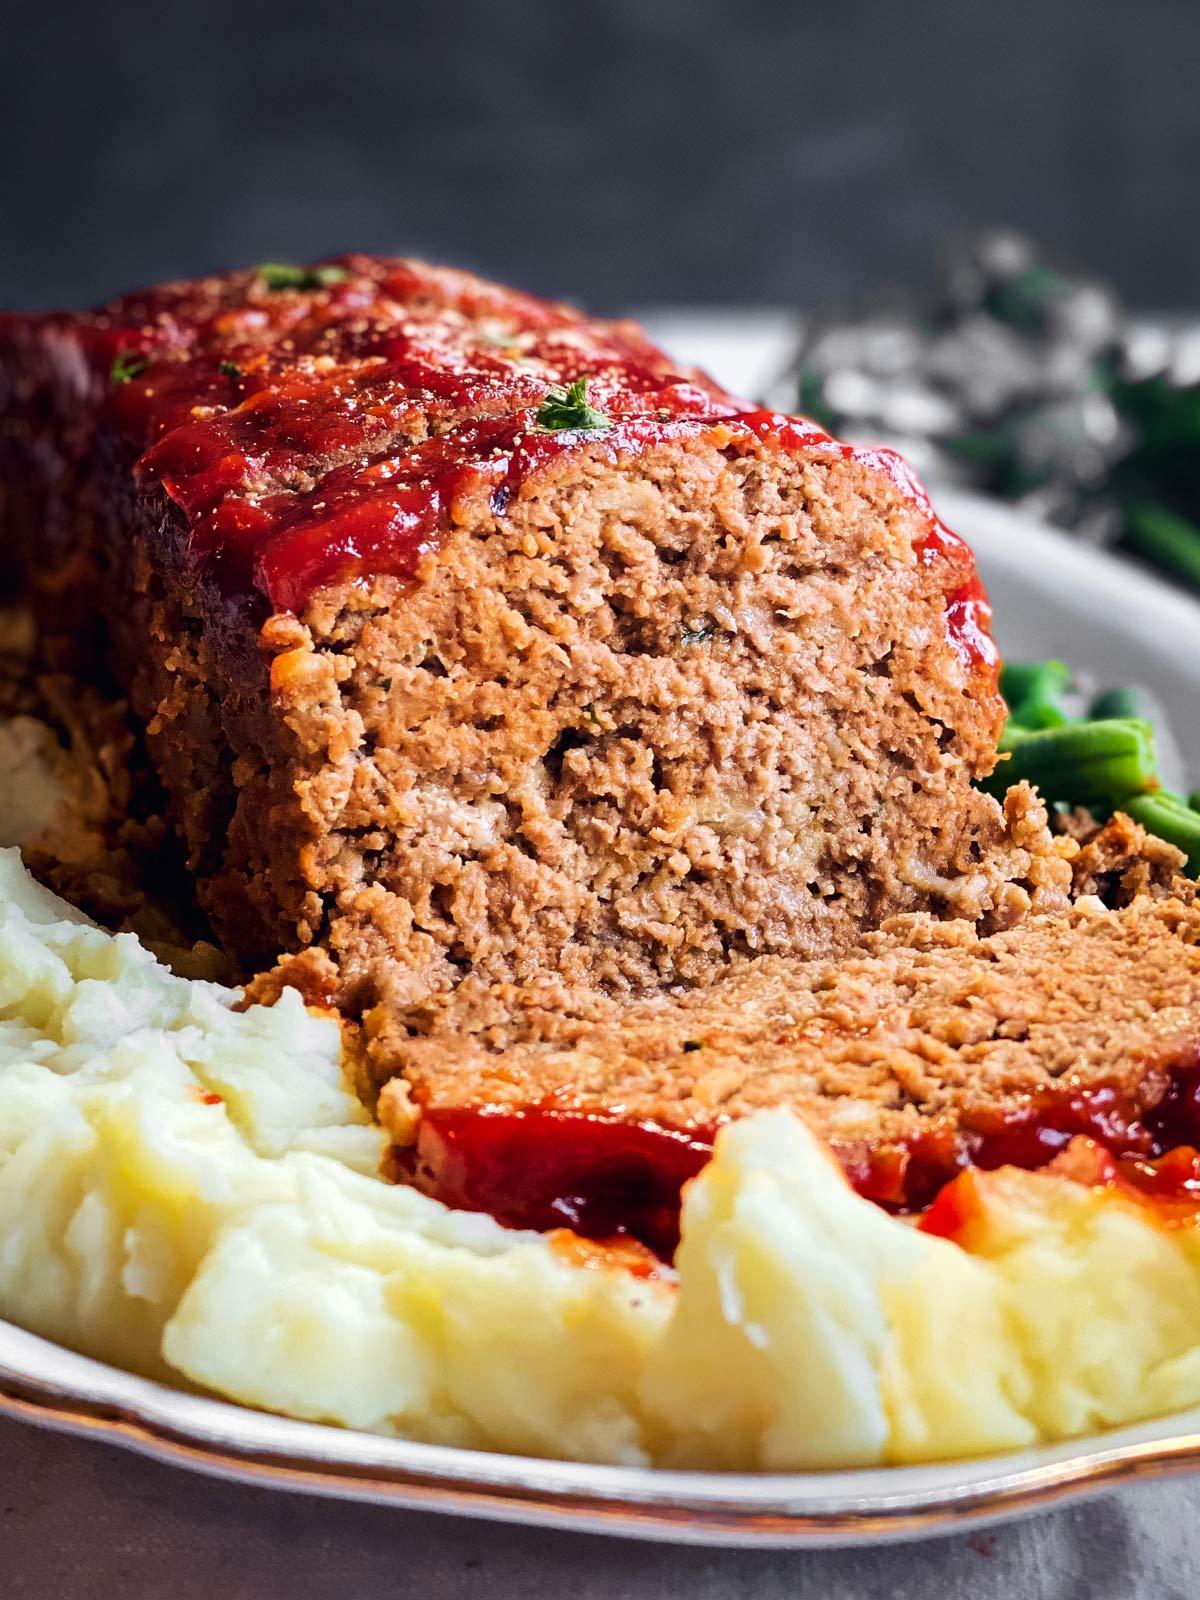 frontal view of sliced meatloaf on platter